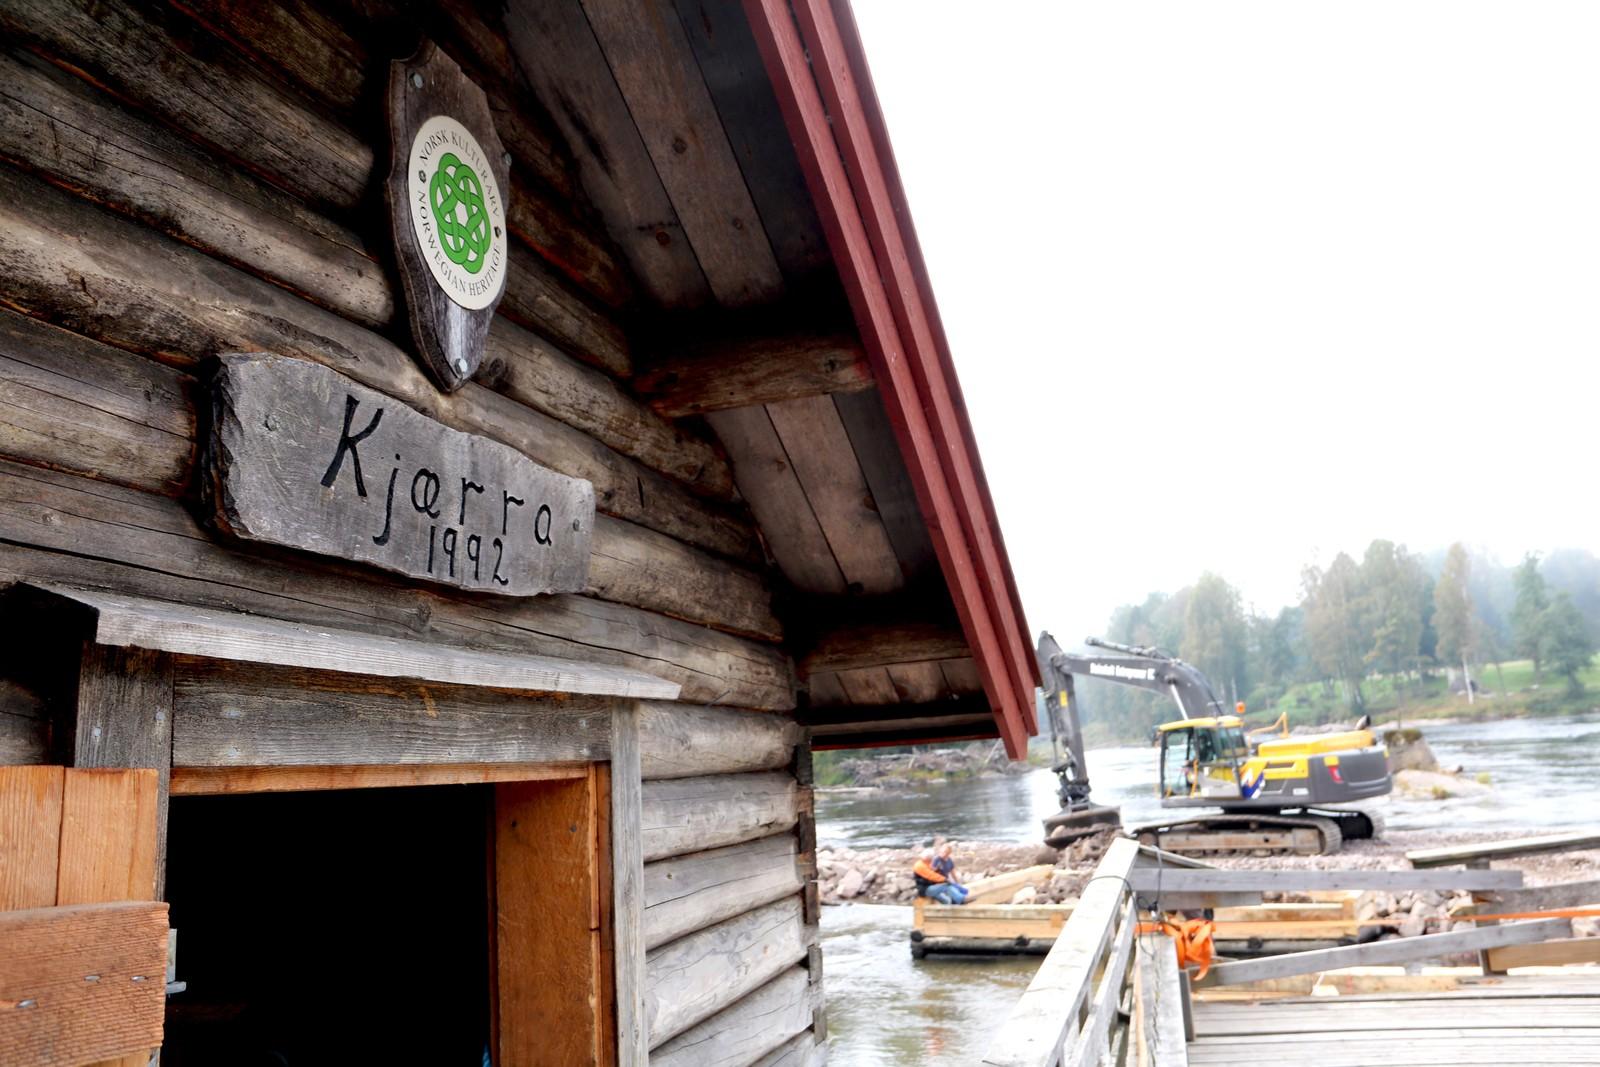 1992: Kjærra-anlegget ble restaurert i 1992, men tømmeret som ble brukt i tømmerkarene var ikke godt nok.